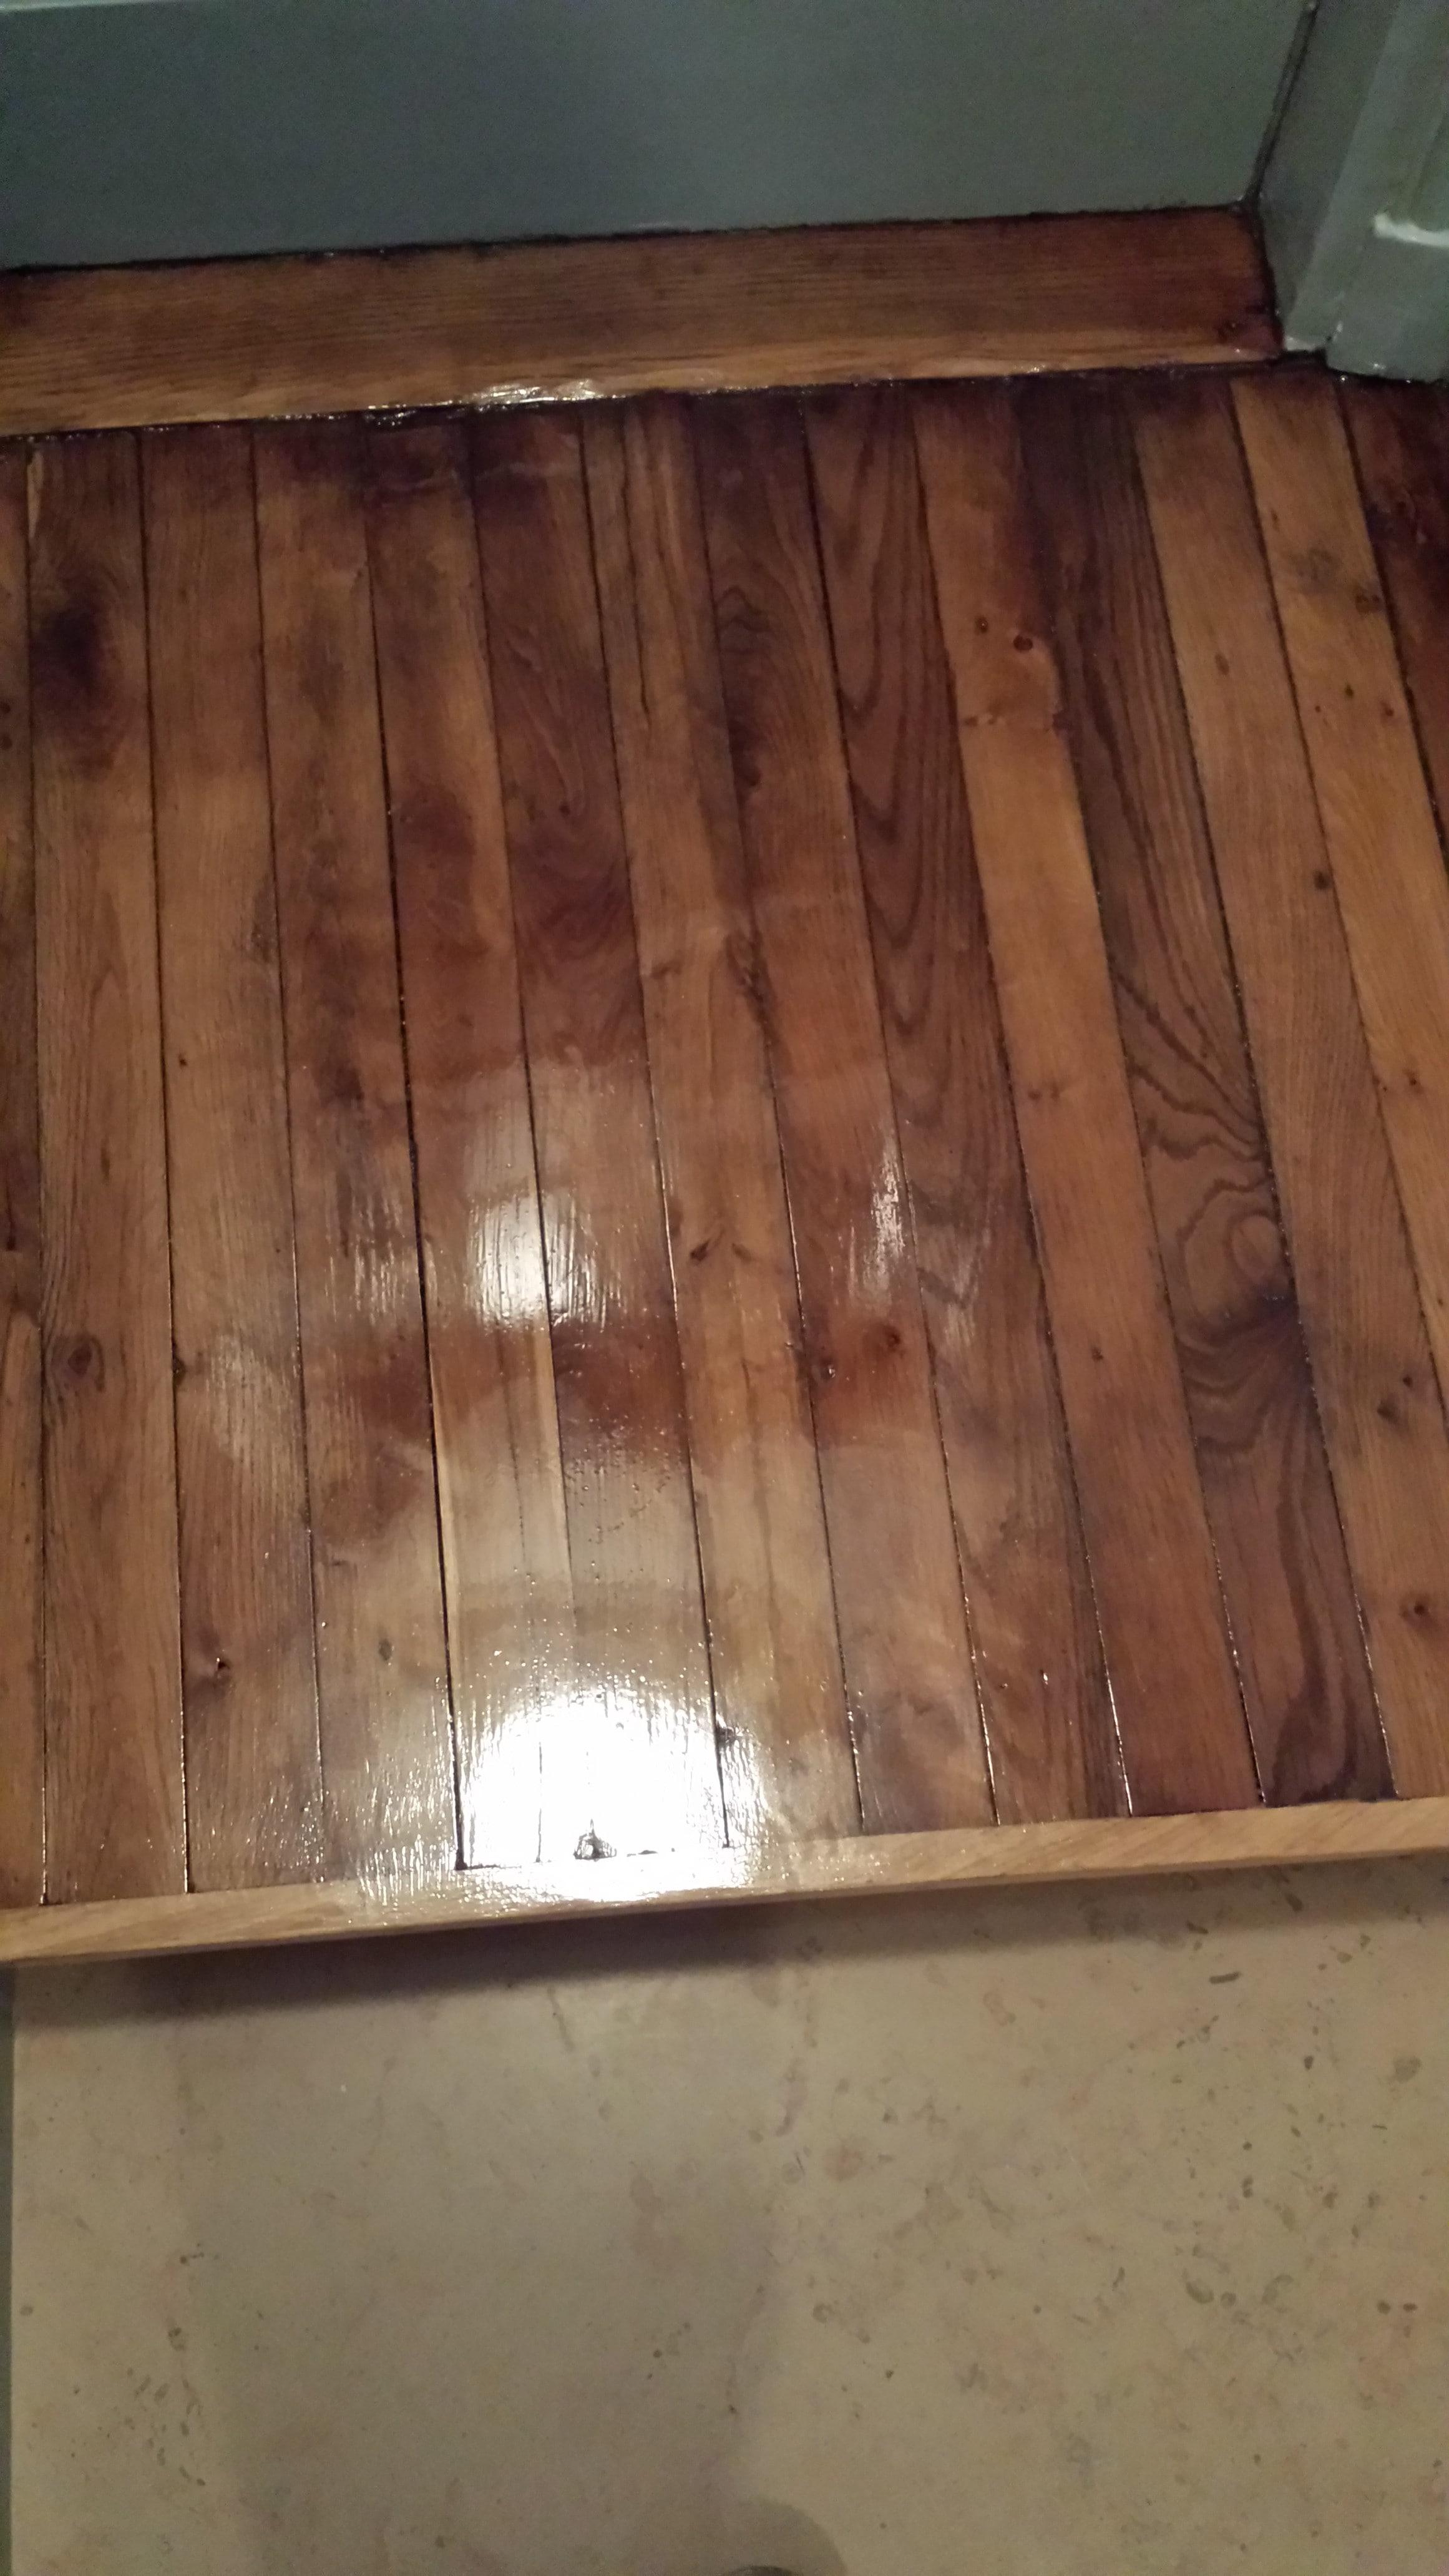 travaux-renovation-escalier-poncage-verni-immeuble-de-paris-9-plancher-texas-batiment-rge-min